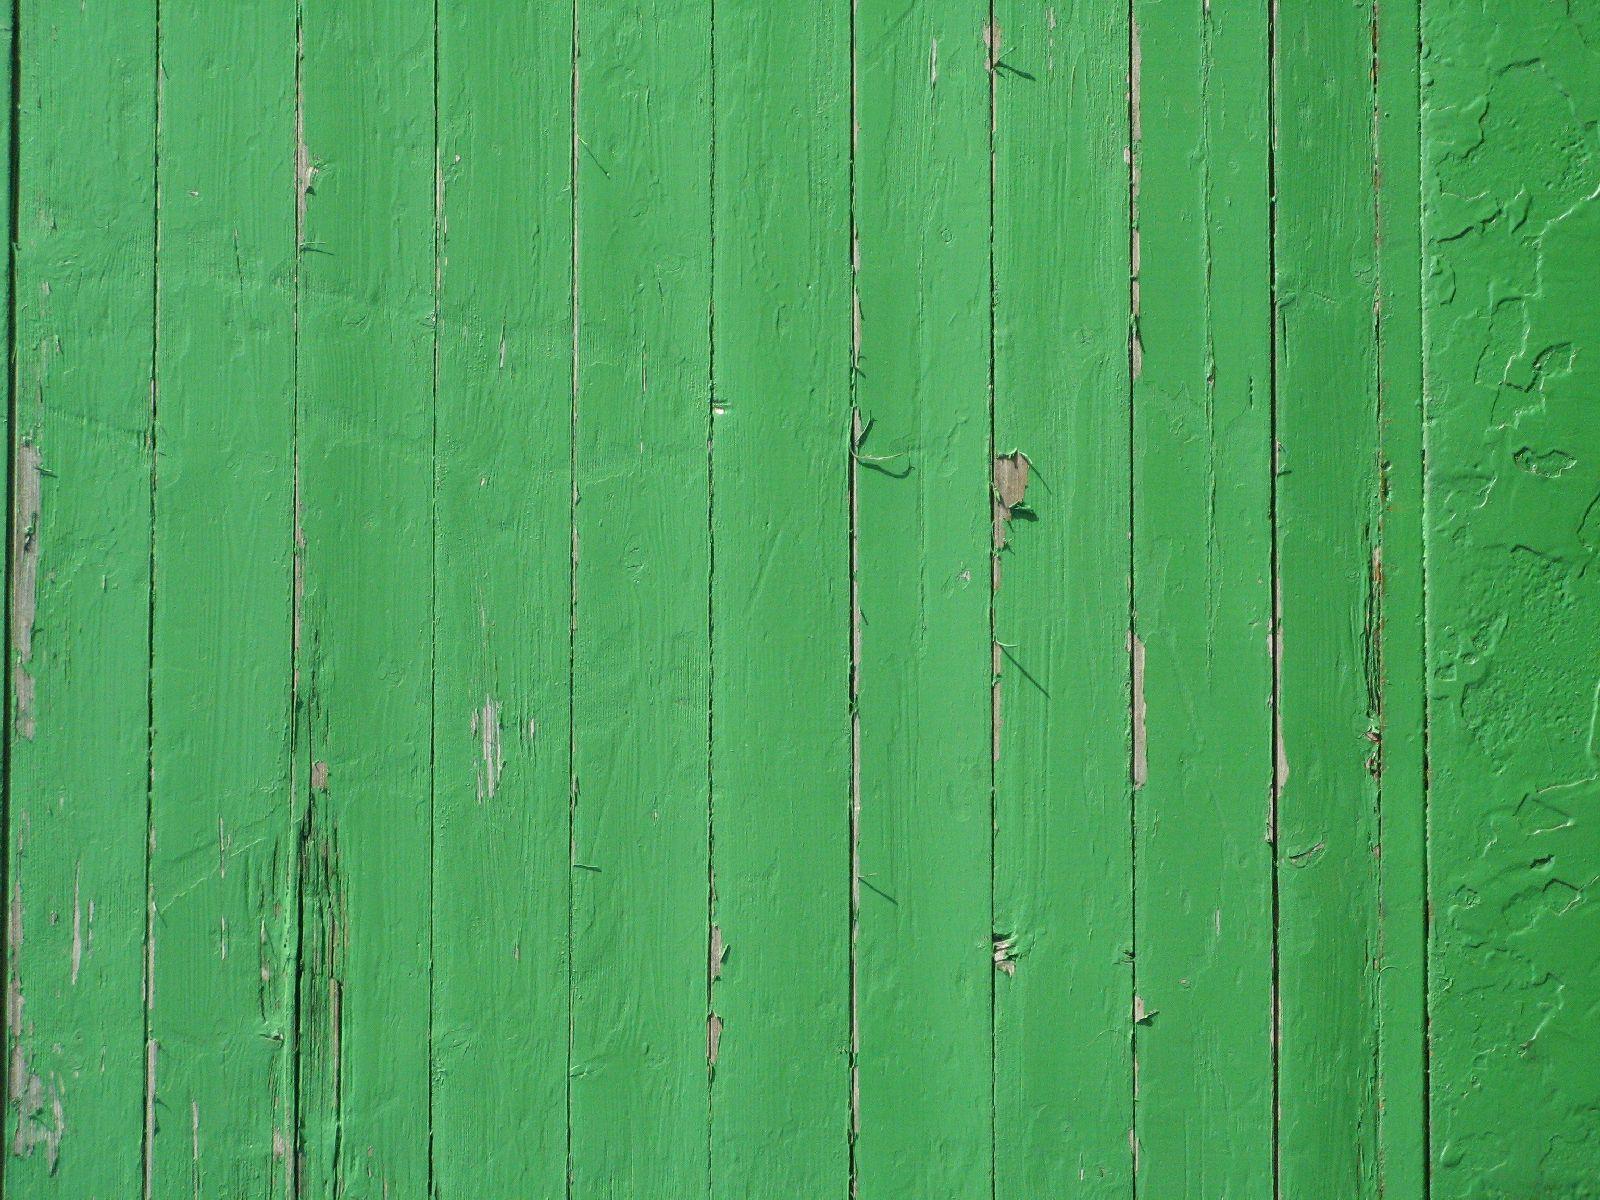 Holz_Texturs_B_3754